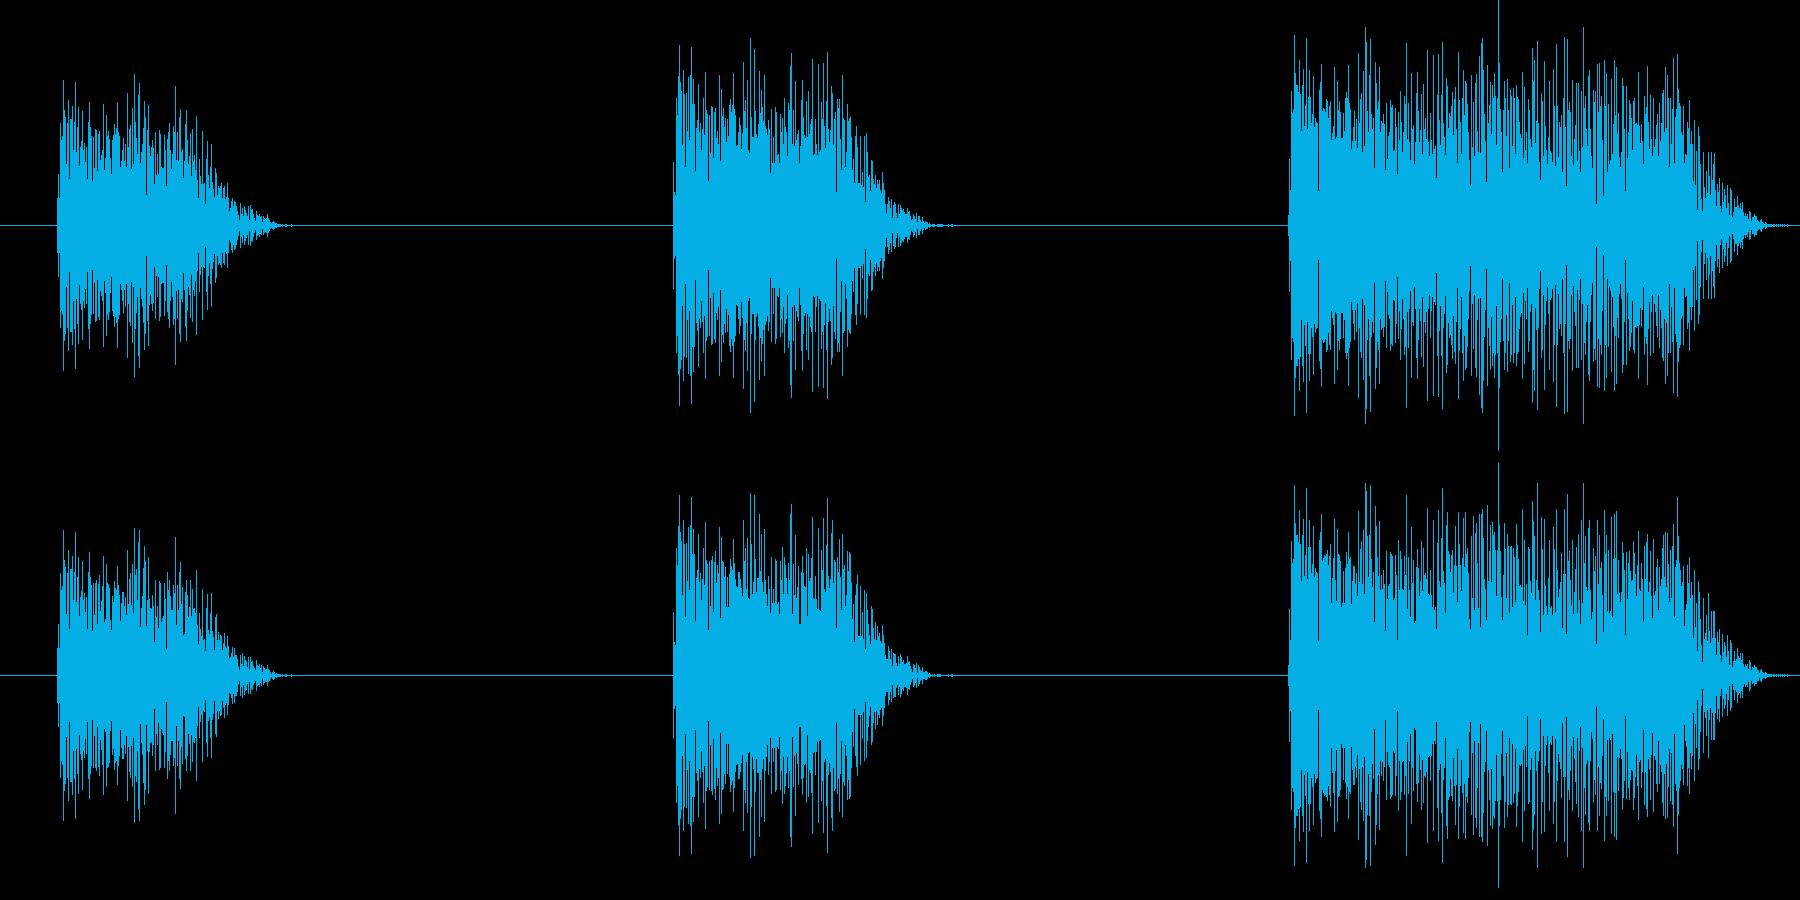 ガッガッガーッ (星人の声)の再生済みの波形